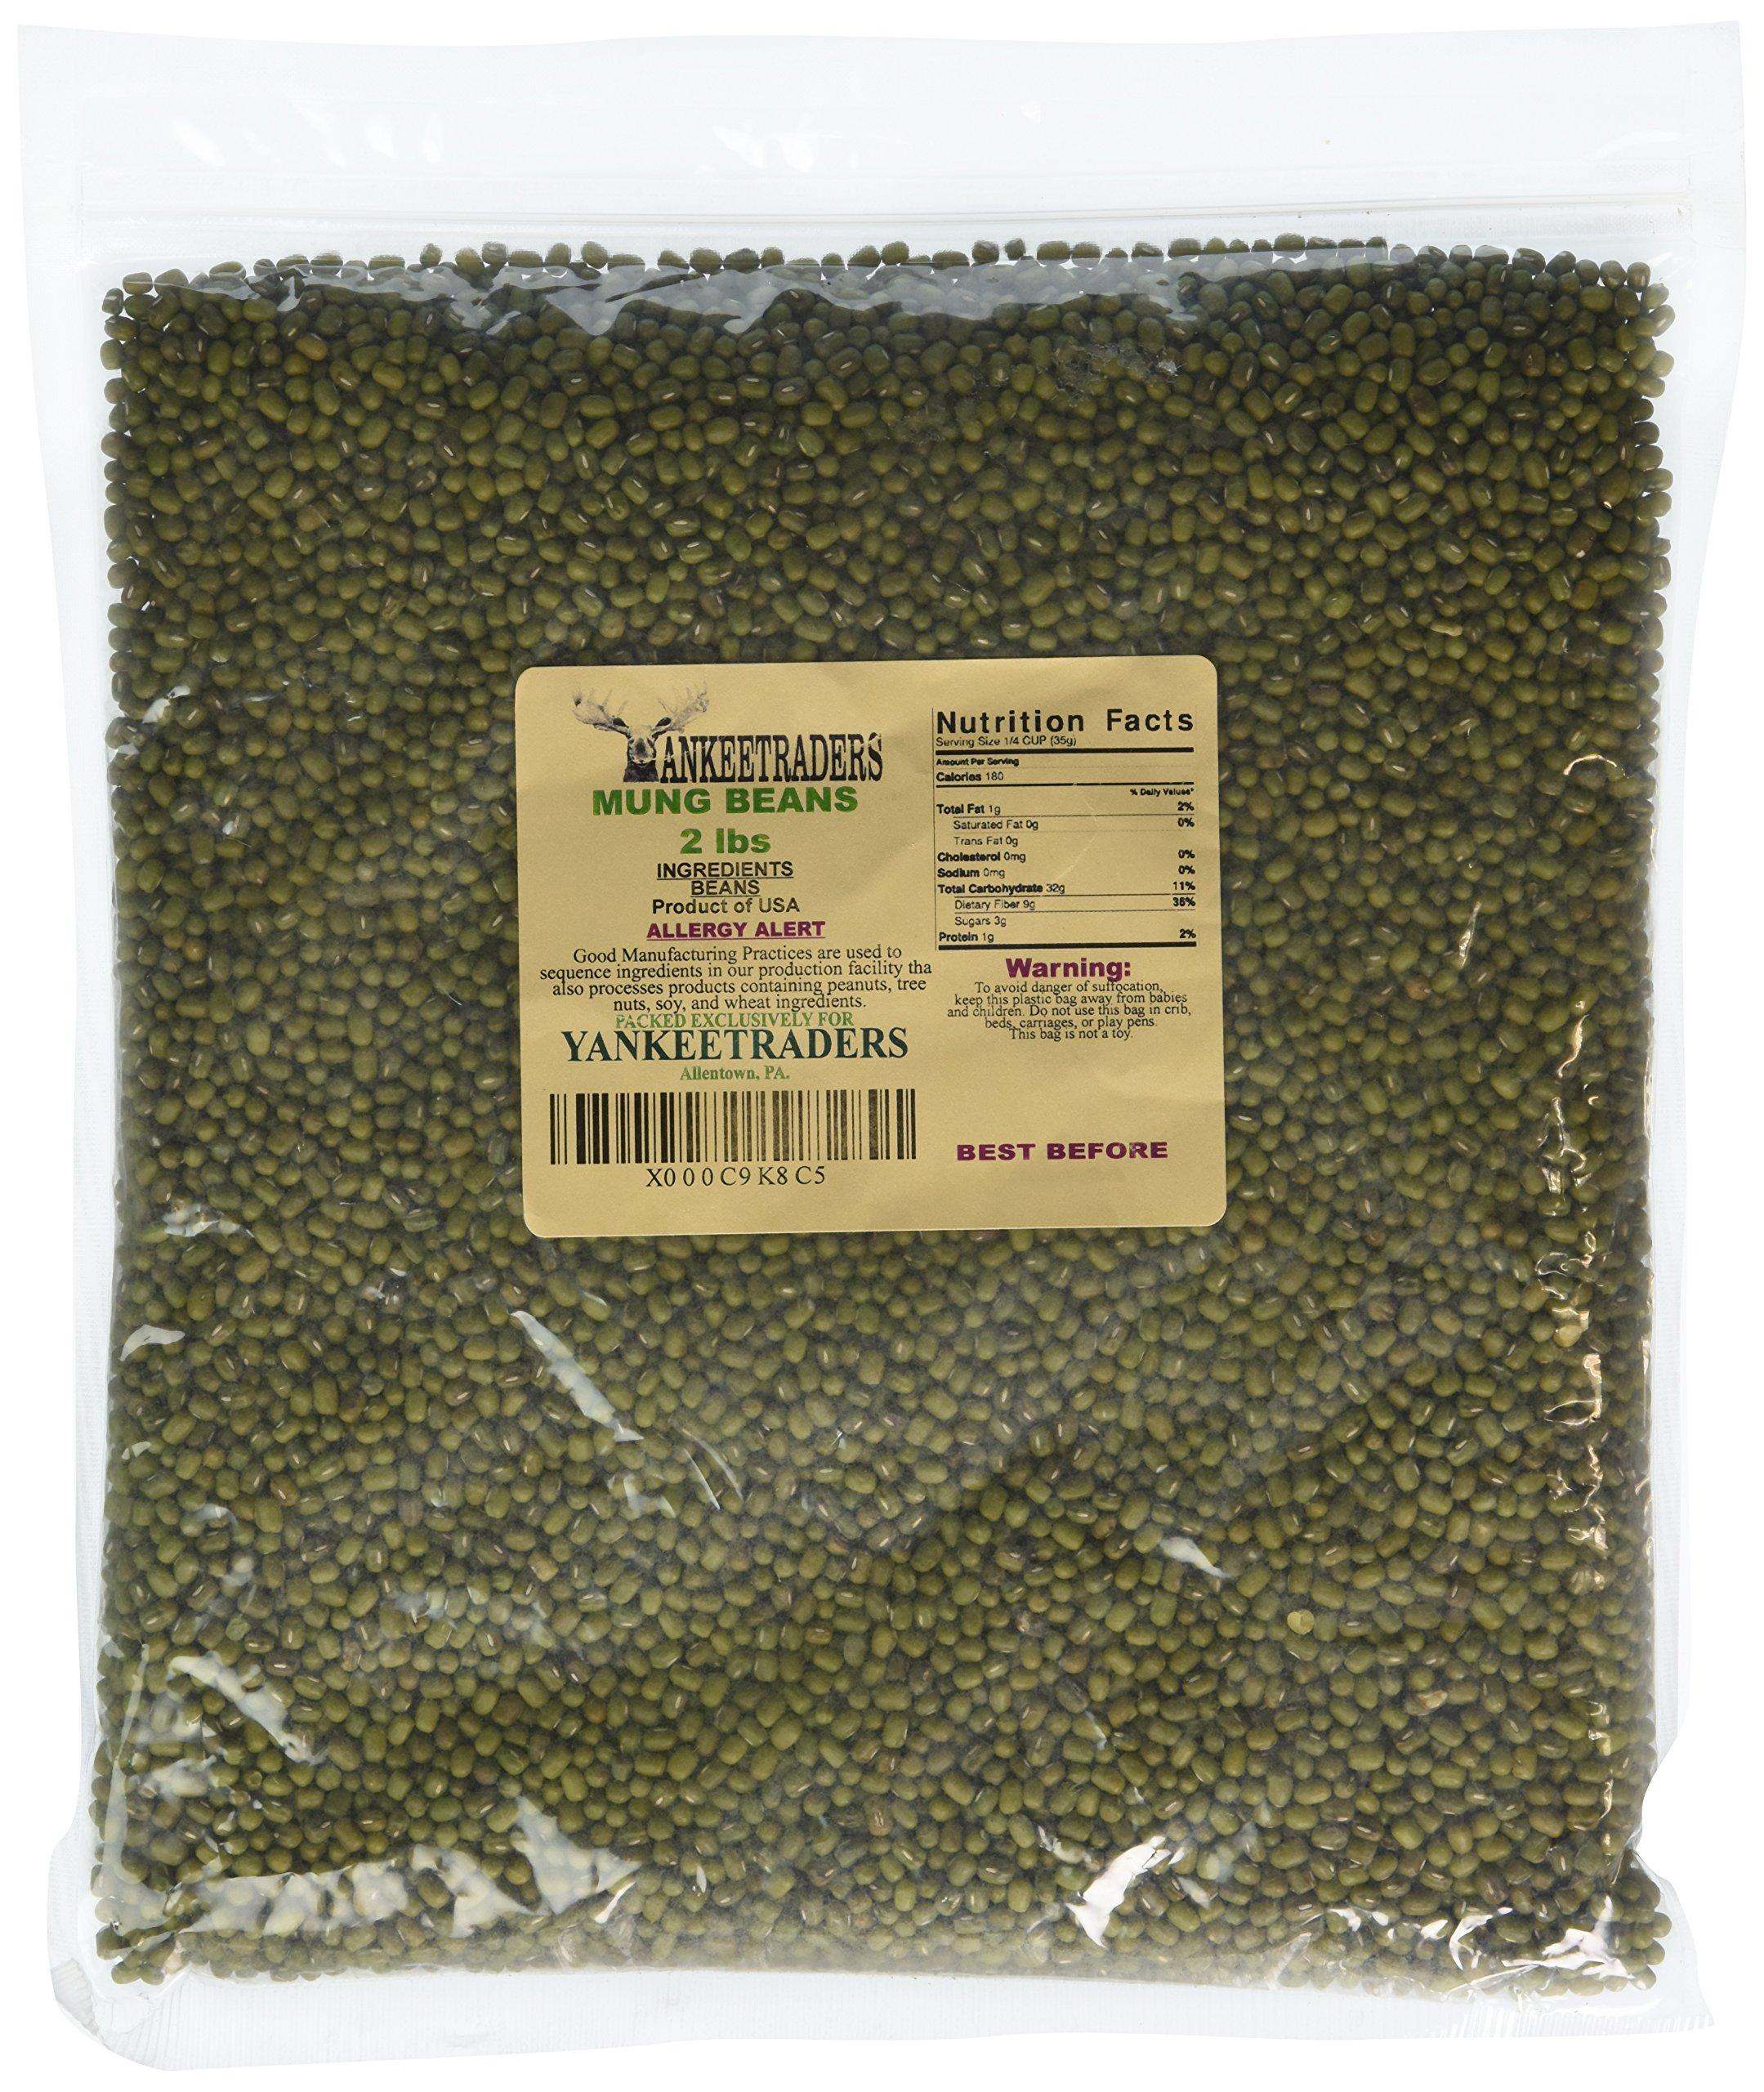 Mung Beans / Yankee Trader Net llc Brand - 2 Lbs